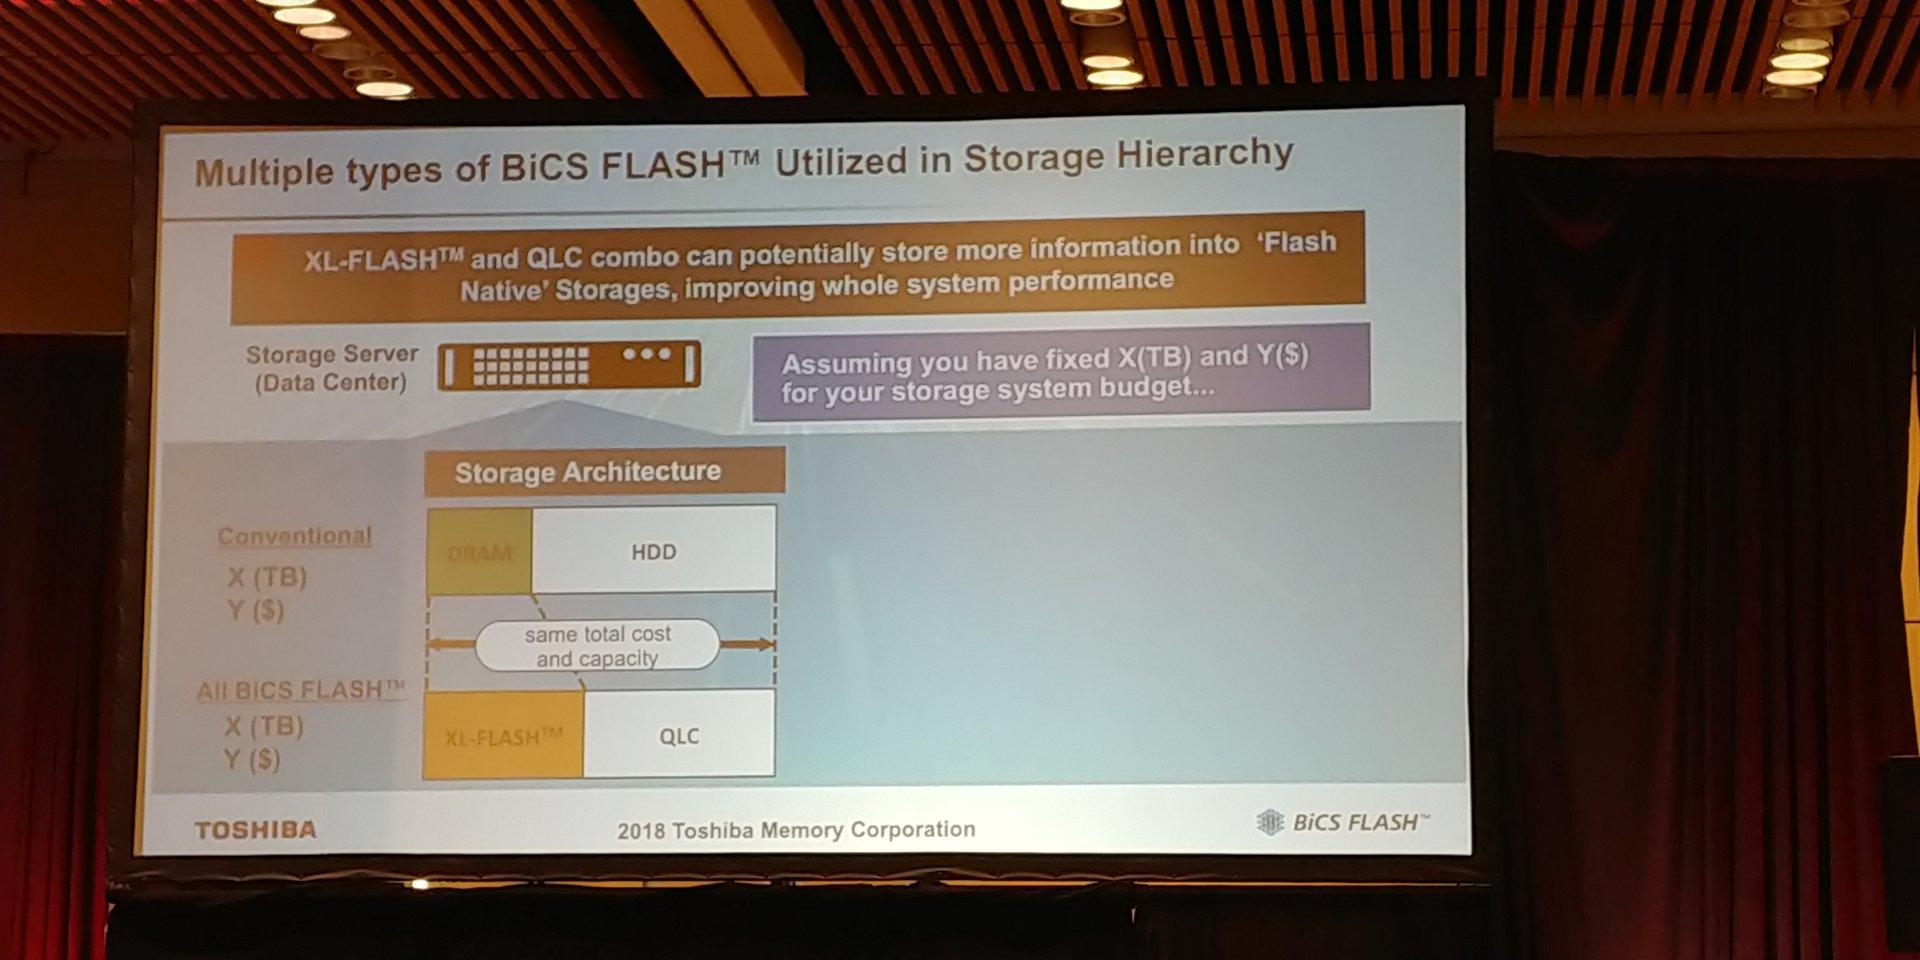 XL-Flash + QLC statt DRAM + HDD